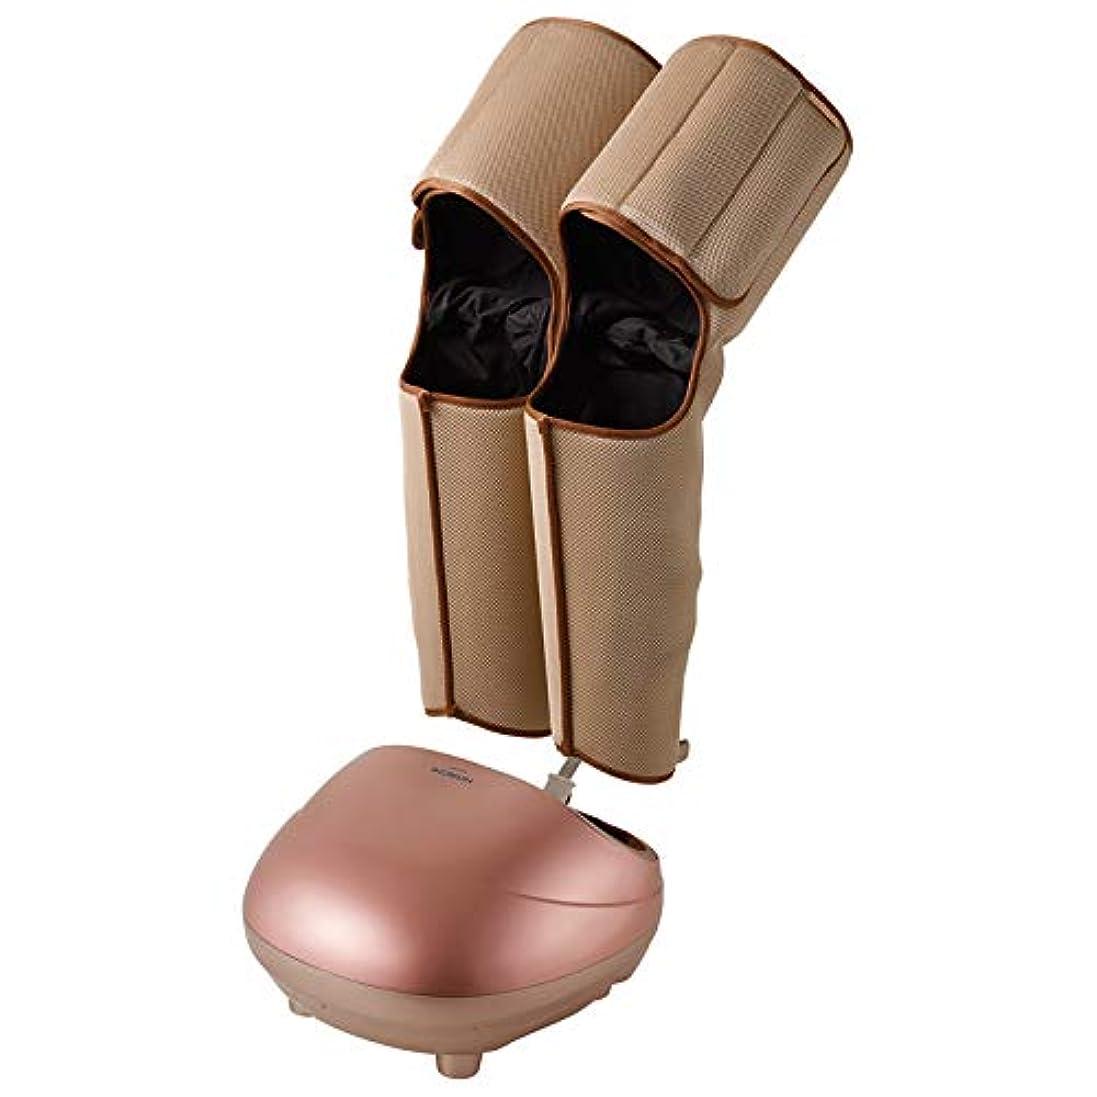 相対性理論規定不屈日立 フットマッサージャー(ピンクゴールド)HITACHI Foot CRiE(フットクリエ) HFM-3000-P